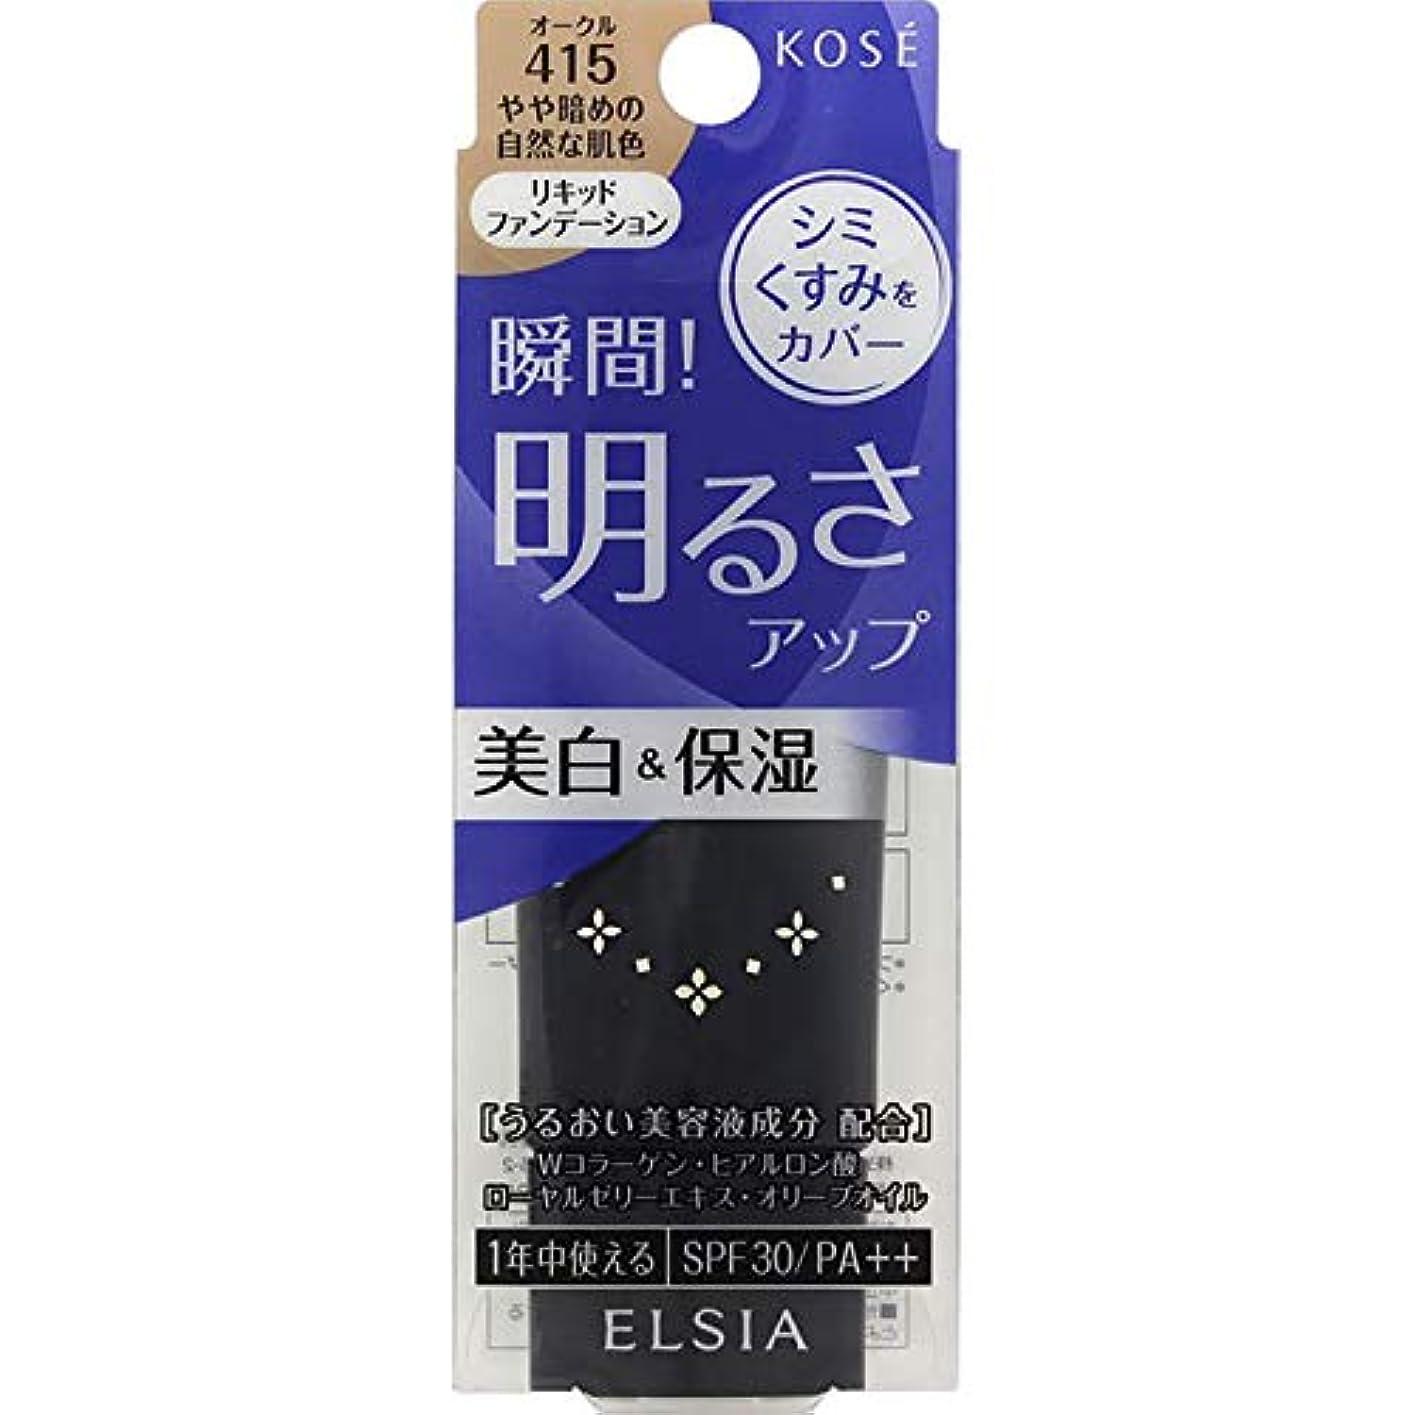 蒸留する書き出す明確なエルシア プラチナム 明るさアップ リキッドファンデーション オークル 415 25g